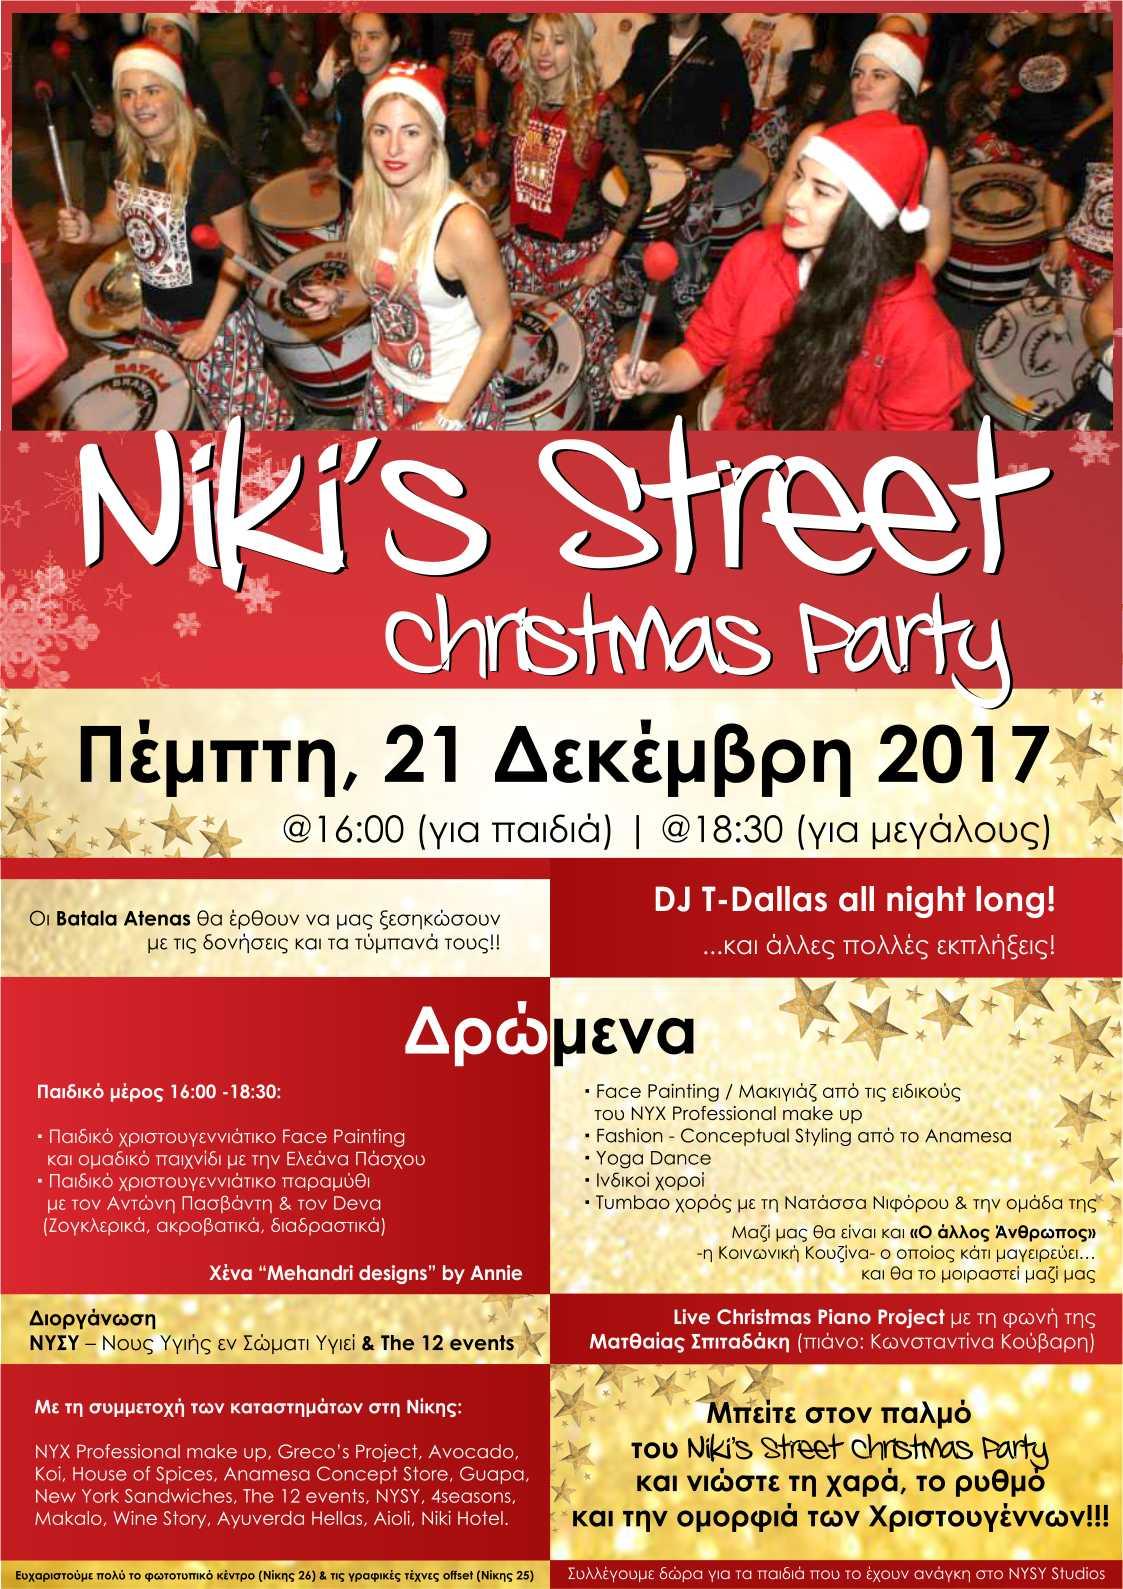 Niki's Street Christmas Party